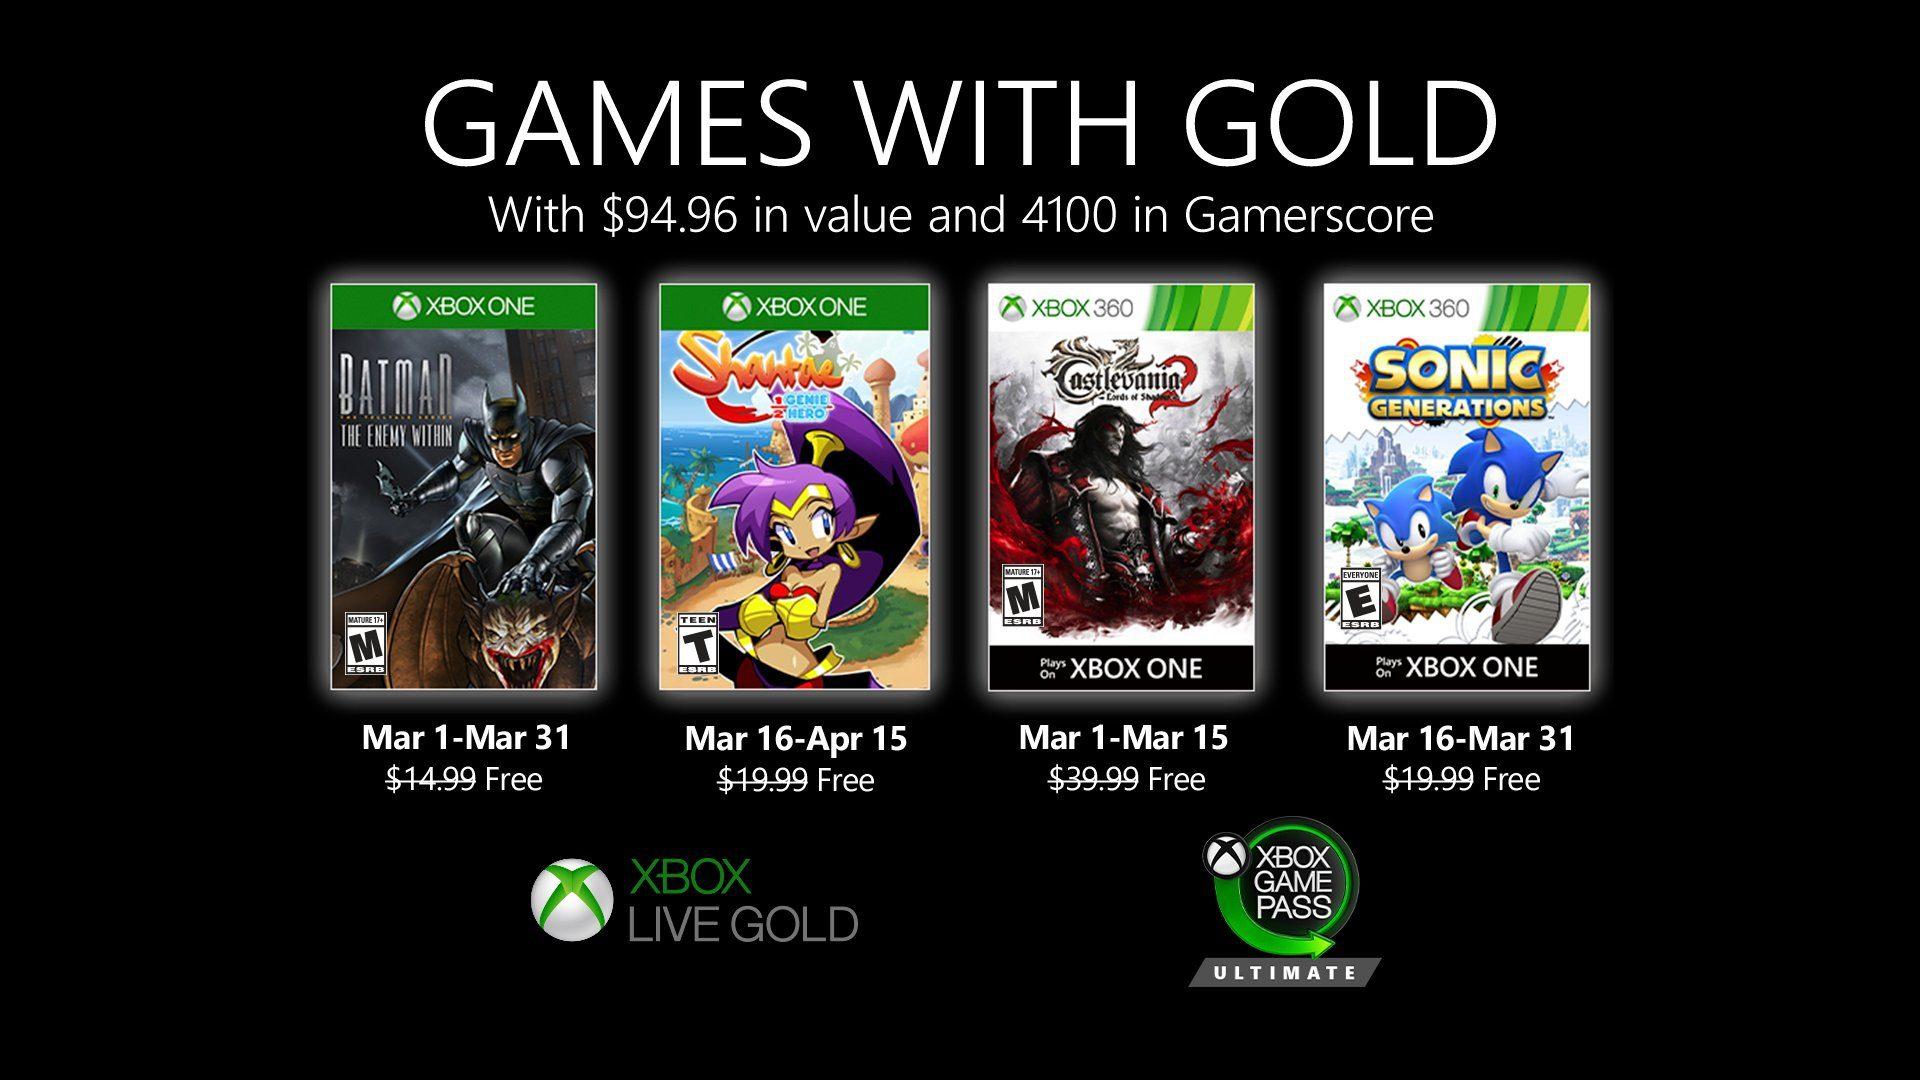 Desvelados los juegos con Gold para el próximo mes de marzo